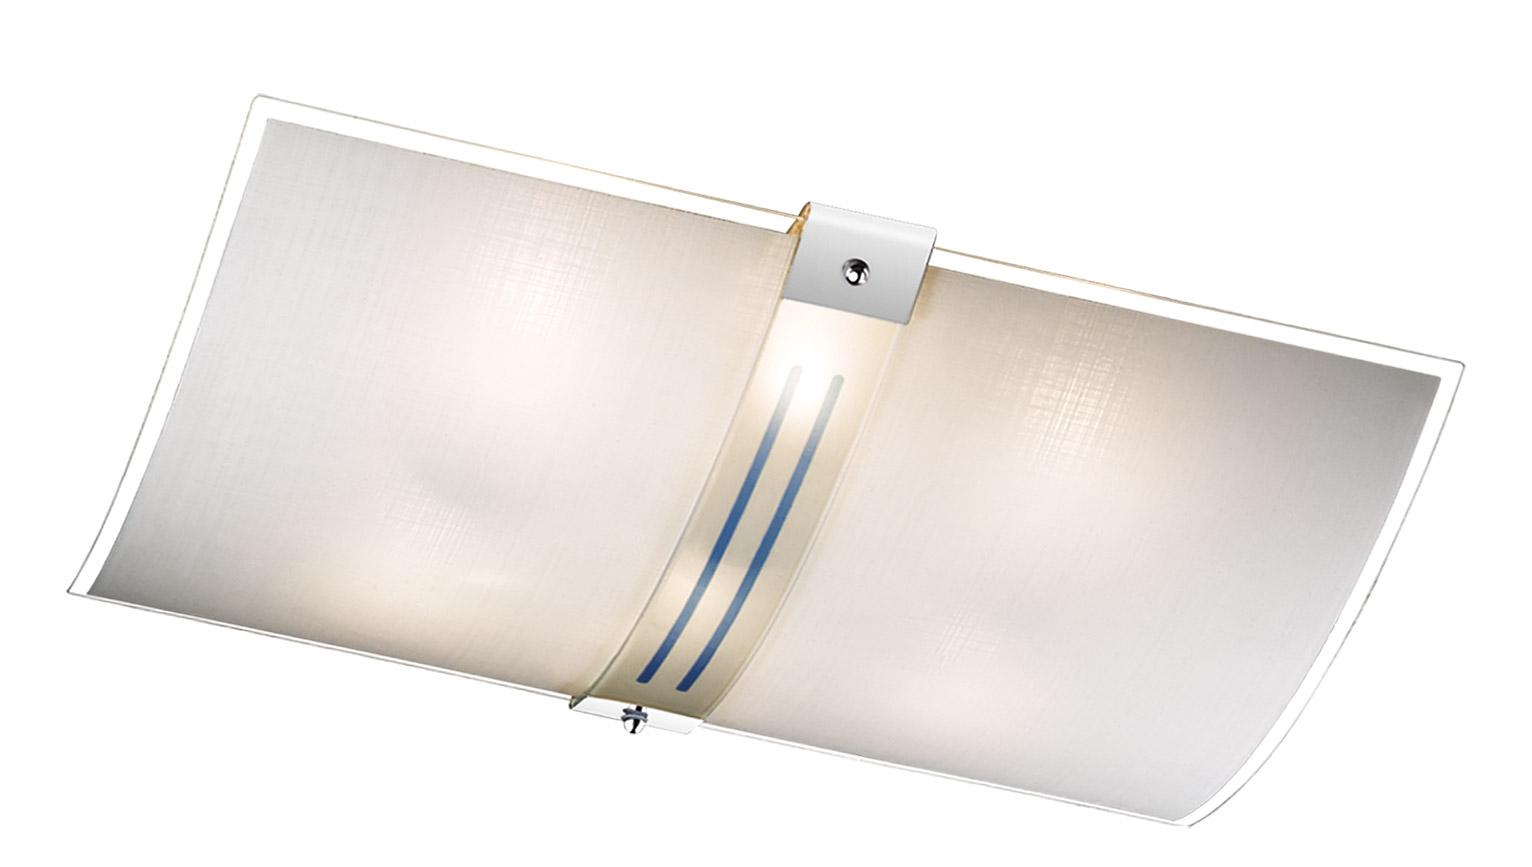 Светильник настенно-потолочный СОНЕКС 8210 397 15 pneumatic air source treatment filter regulator